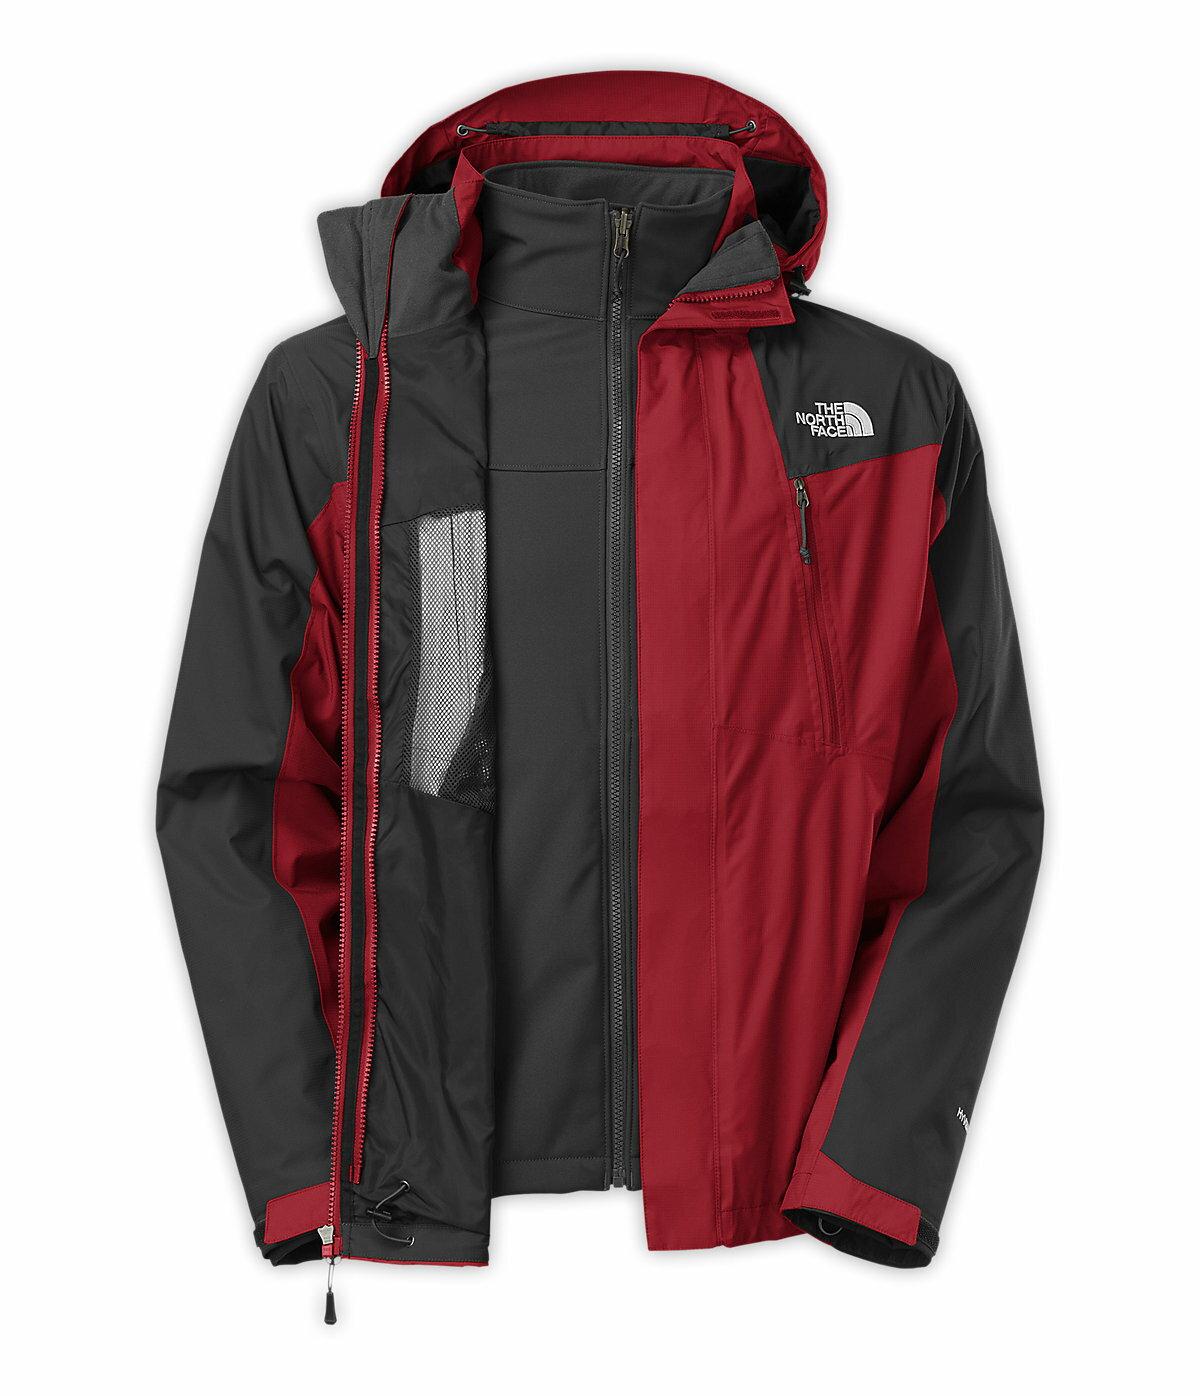 美國百分百【全新真品】The North Face 外套 TNF 夾克 連帽 北臉 酒紅灰 兩件式 Hyvent 男 S號 A830